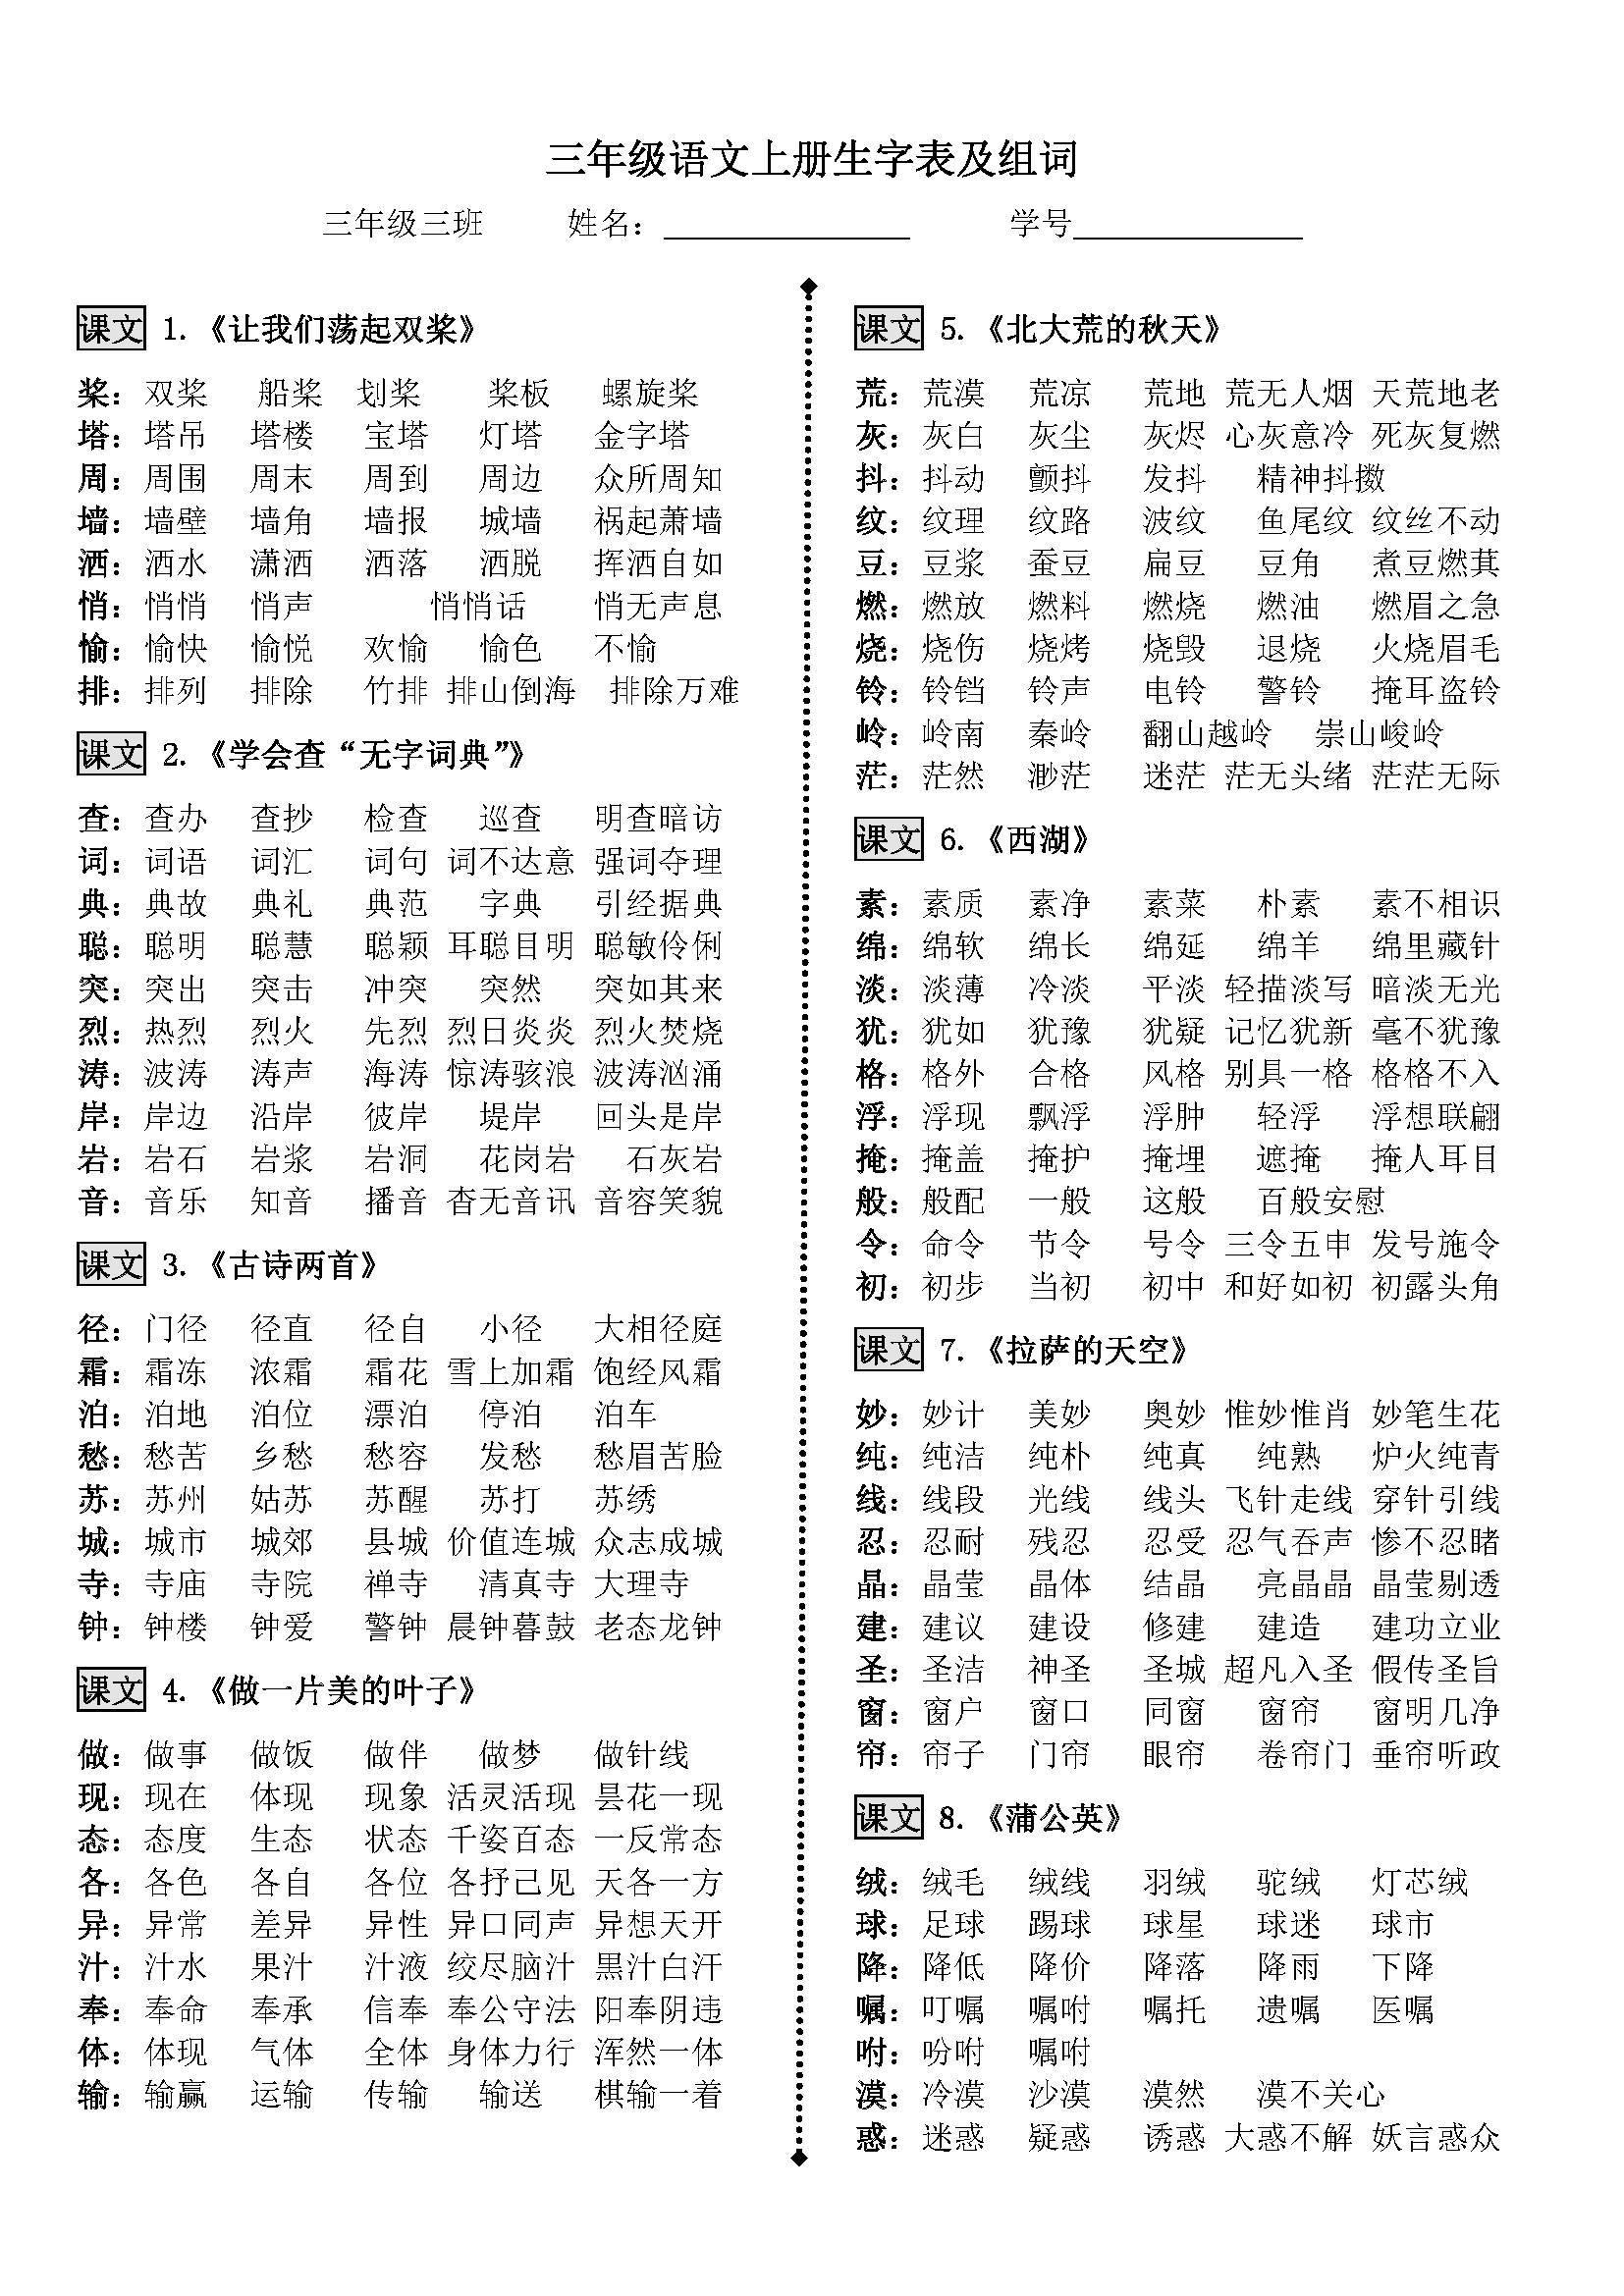 苏教版三年级上册语文生字表及组词一中泸溪县初中部图片